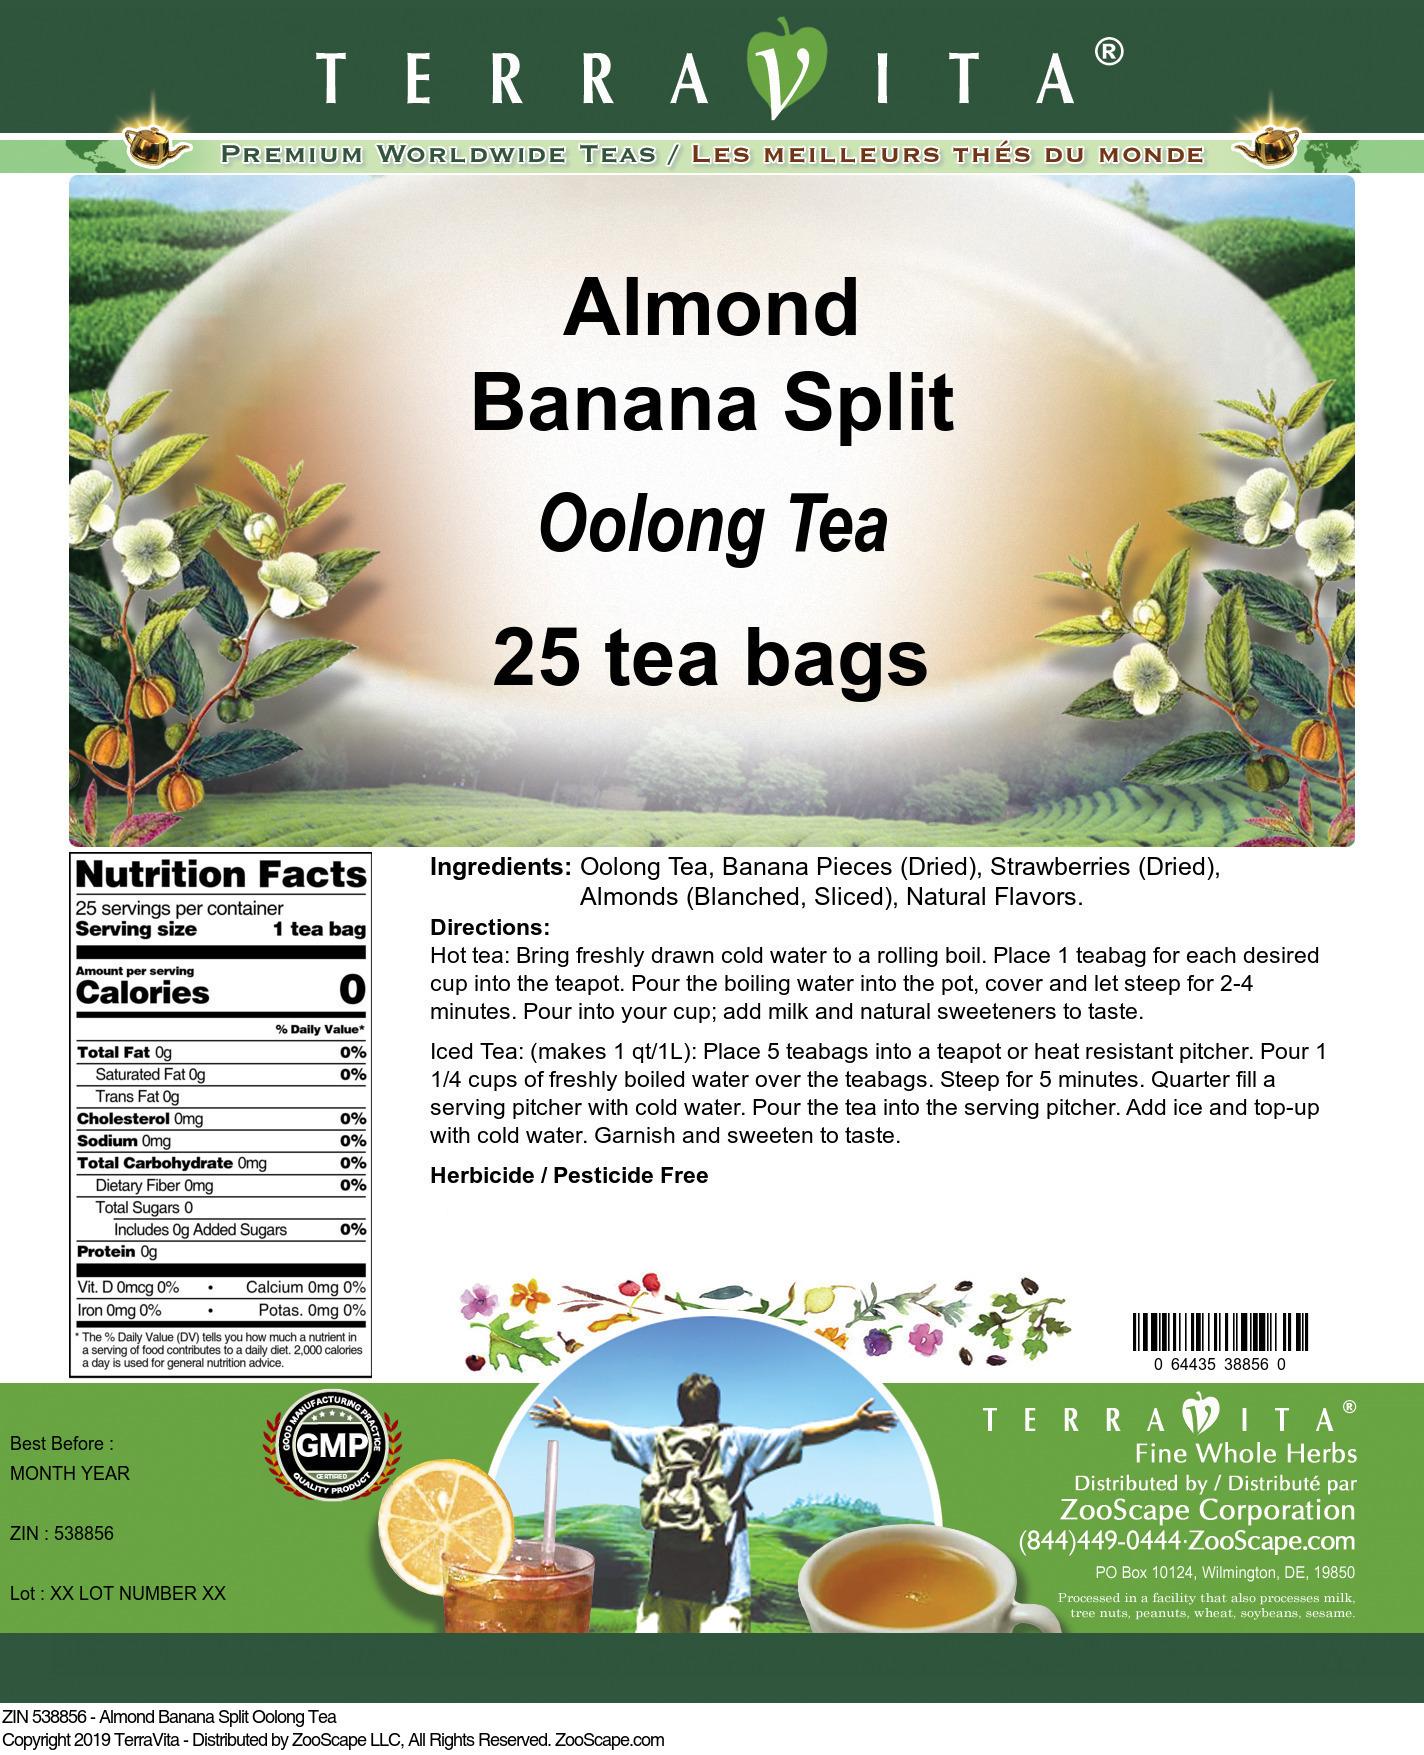 Almond Banana Split Oolong Tea